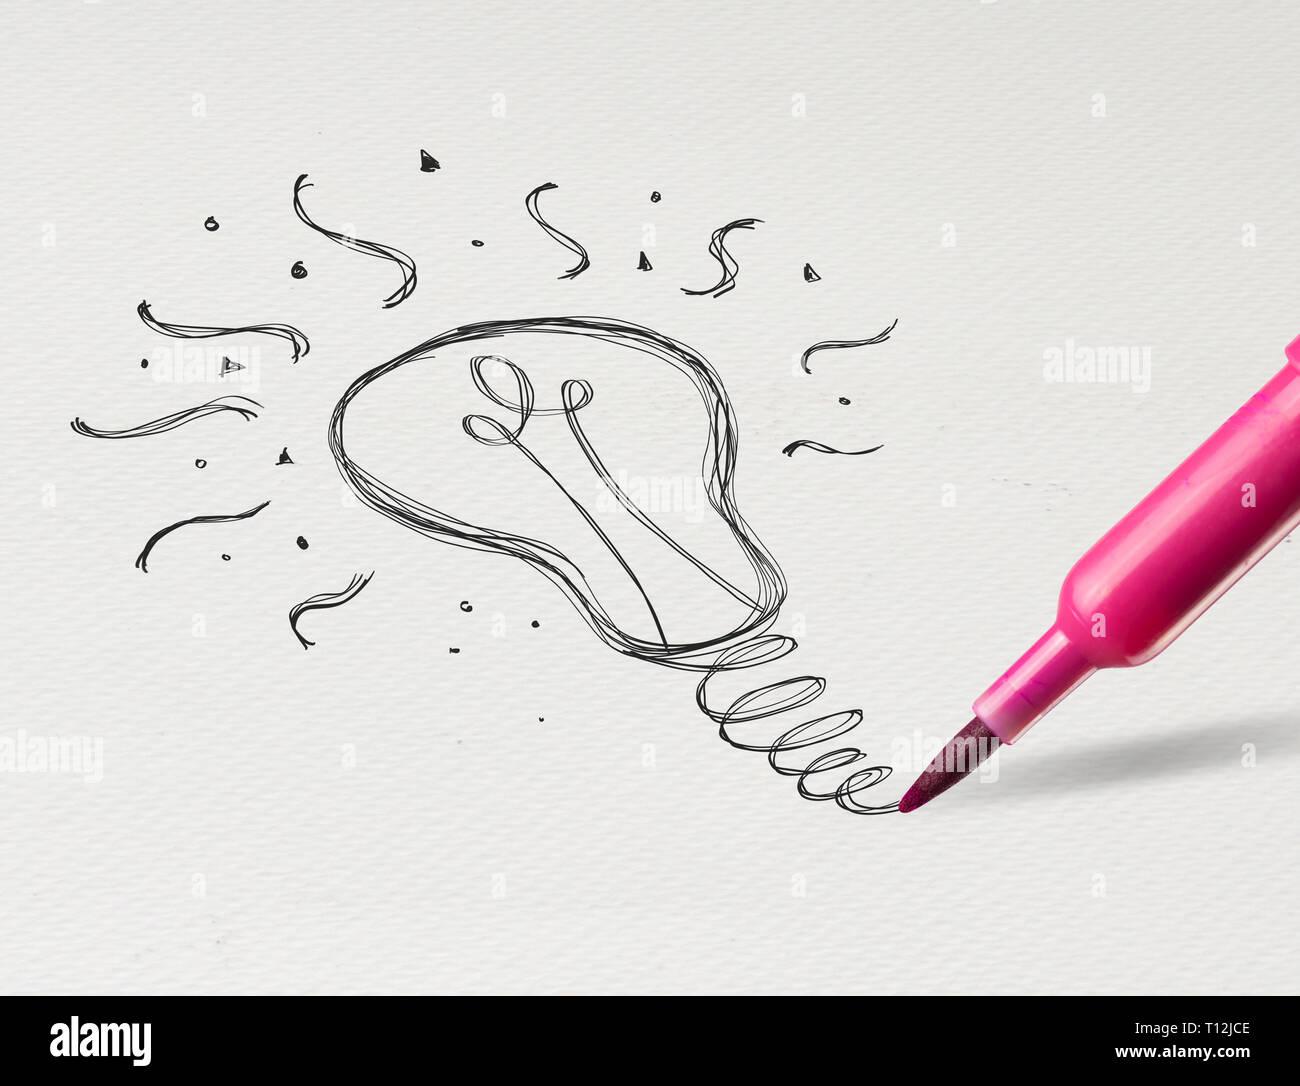 Nouvelle Idee Dessin Au Crayon Sur Papier Blanc De L Ampoule Photo Stock Alamy